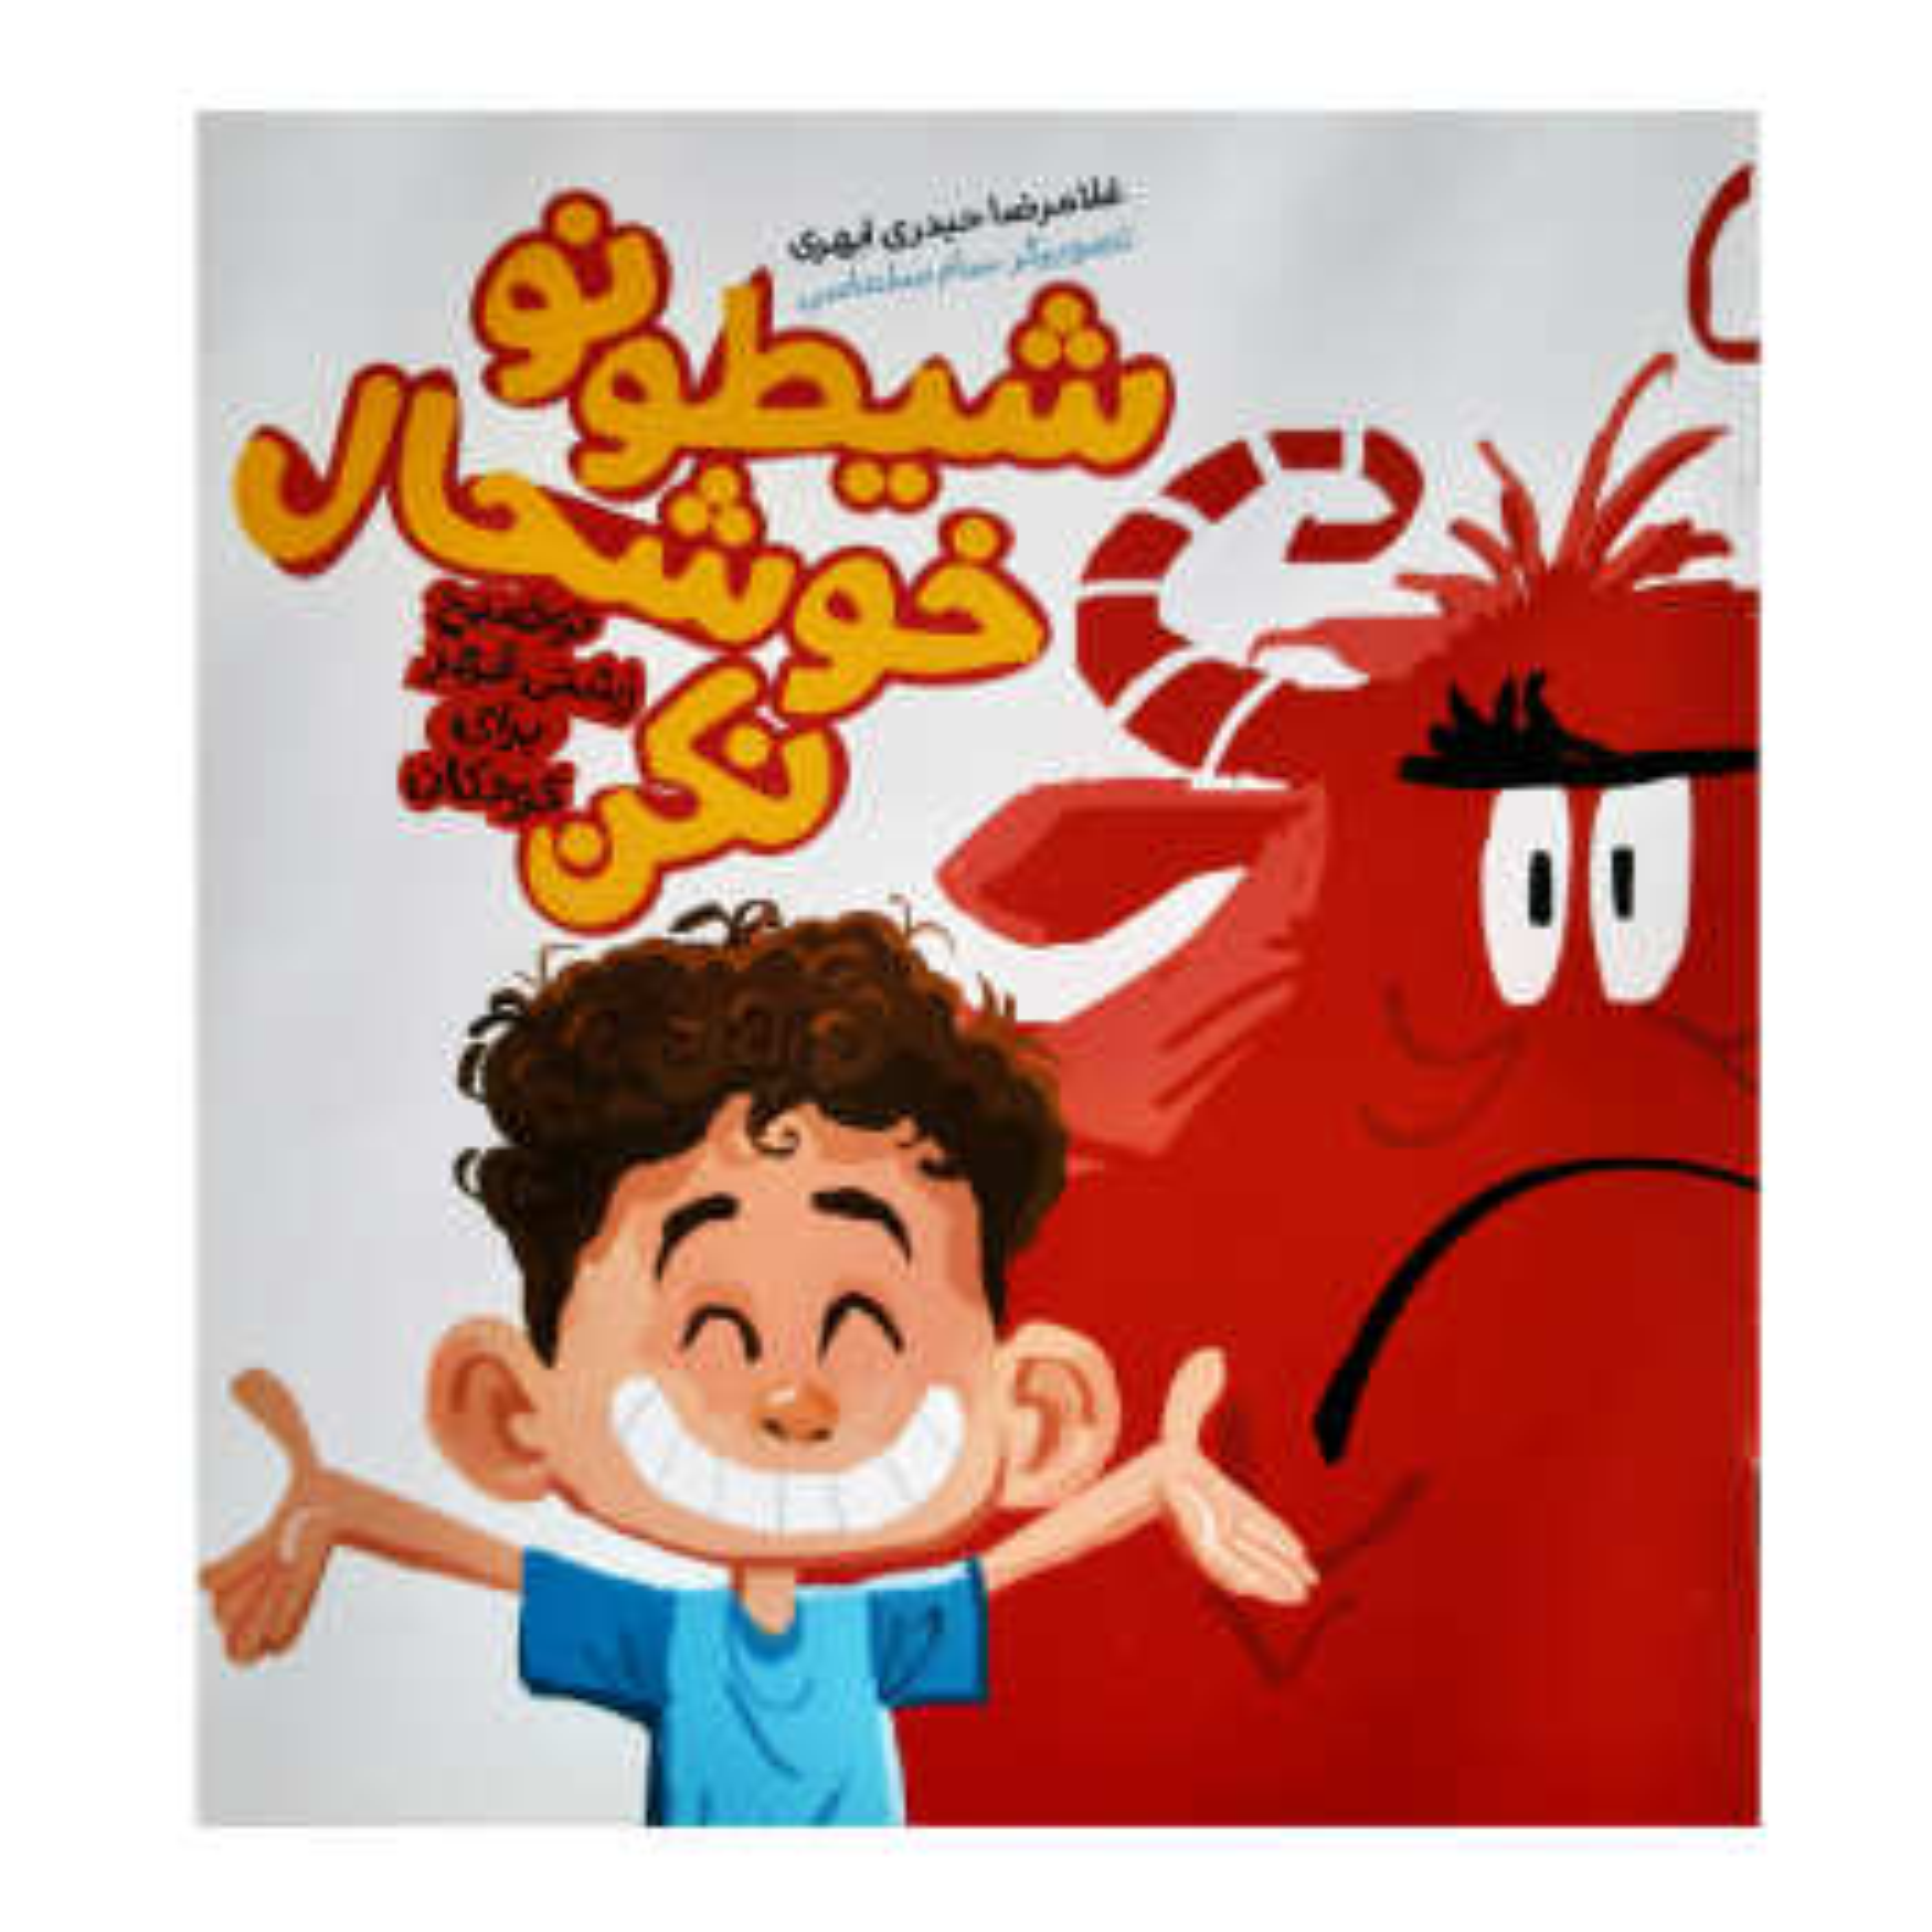 کتاب شیطونو خوشحال نکن توضیح زشتی قهر برای کودکان اثر غلامرضا حیدری ابهری انتشارات کتابک